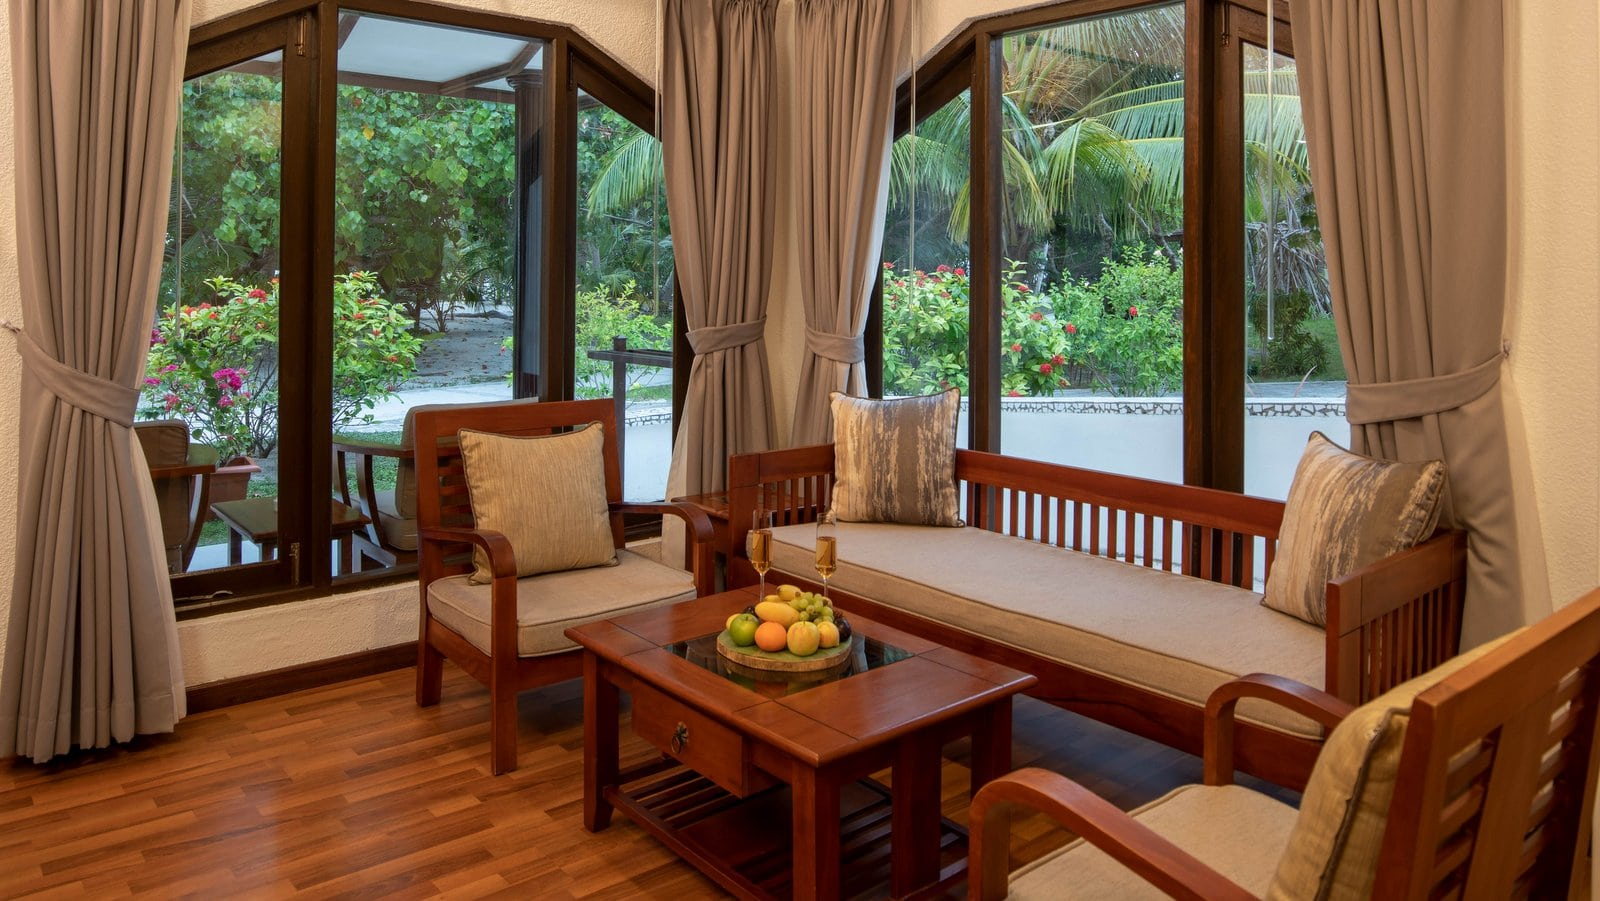 Мальдивы, отель Bandos Maldives, номер Deluxe Beachfront Room